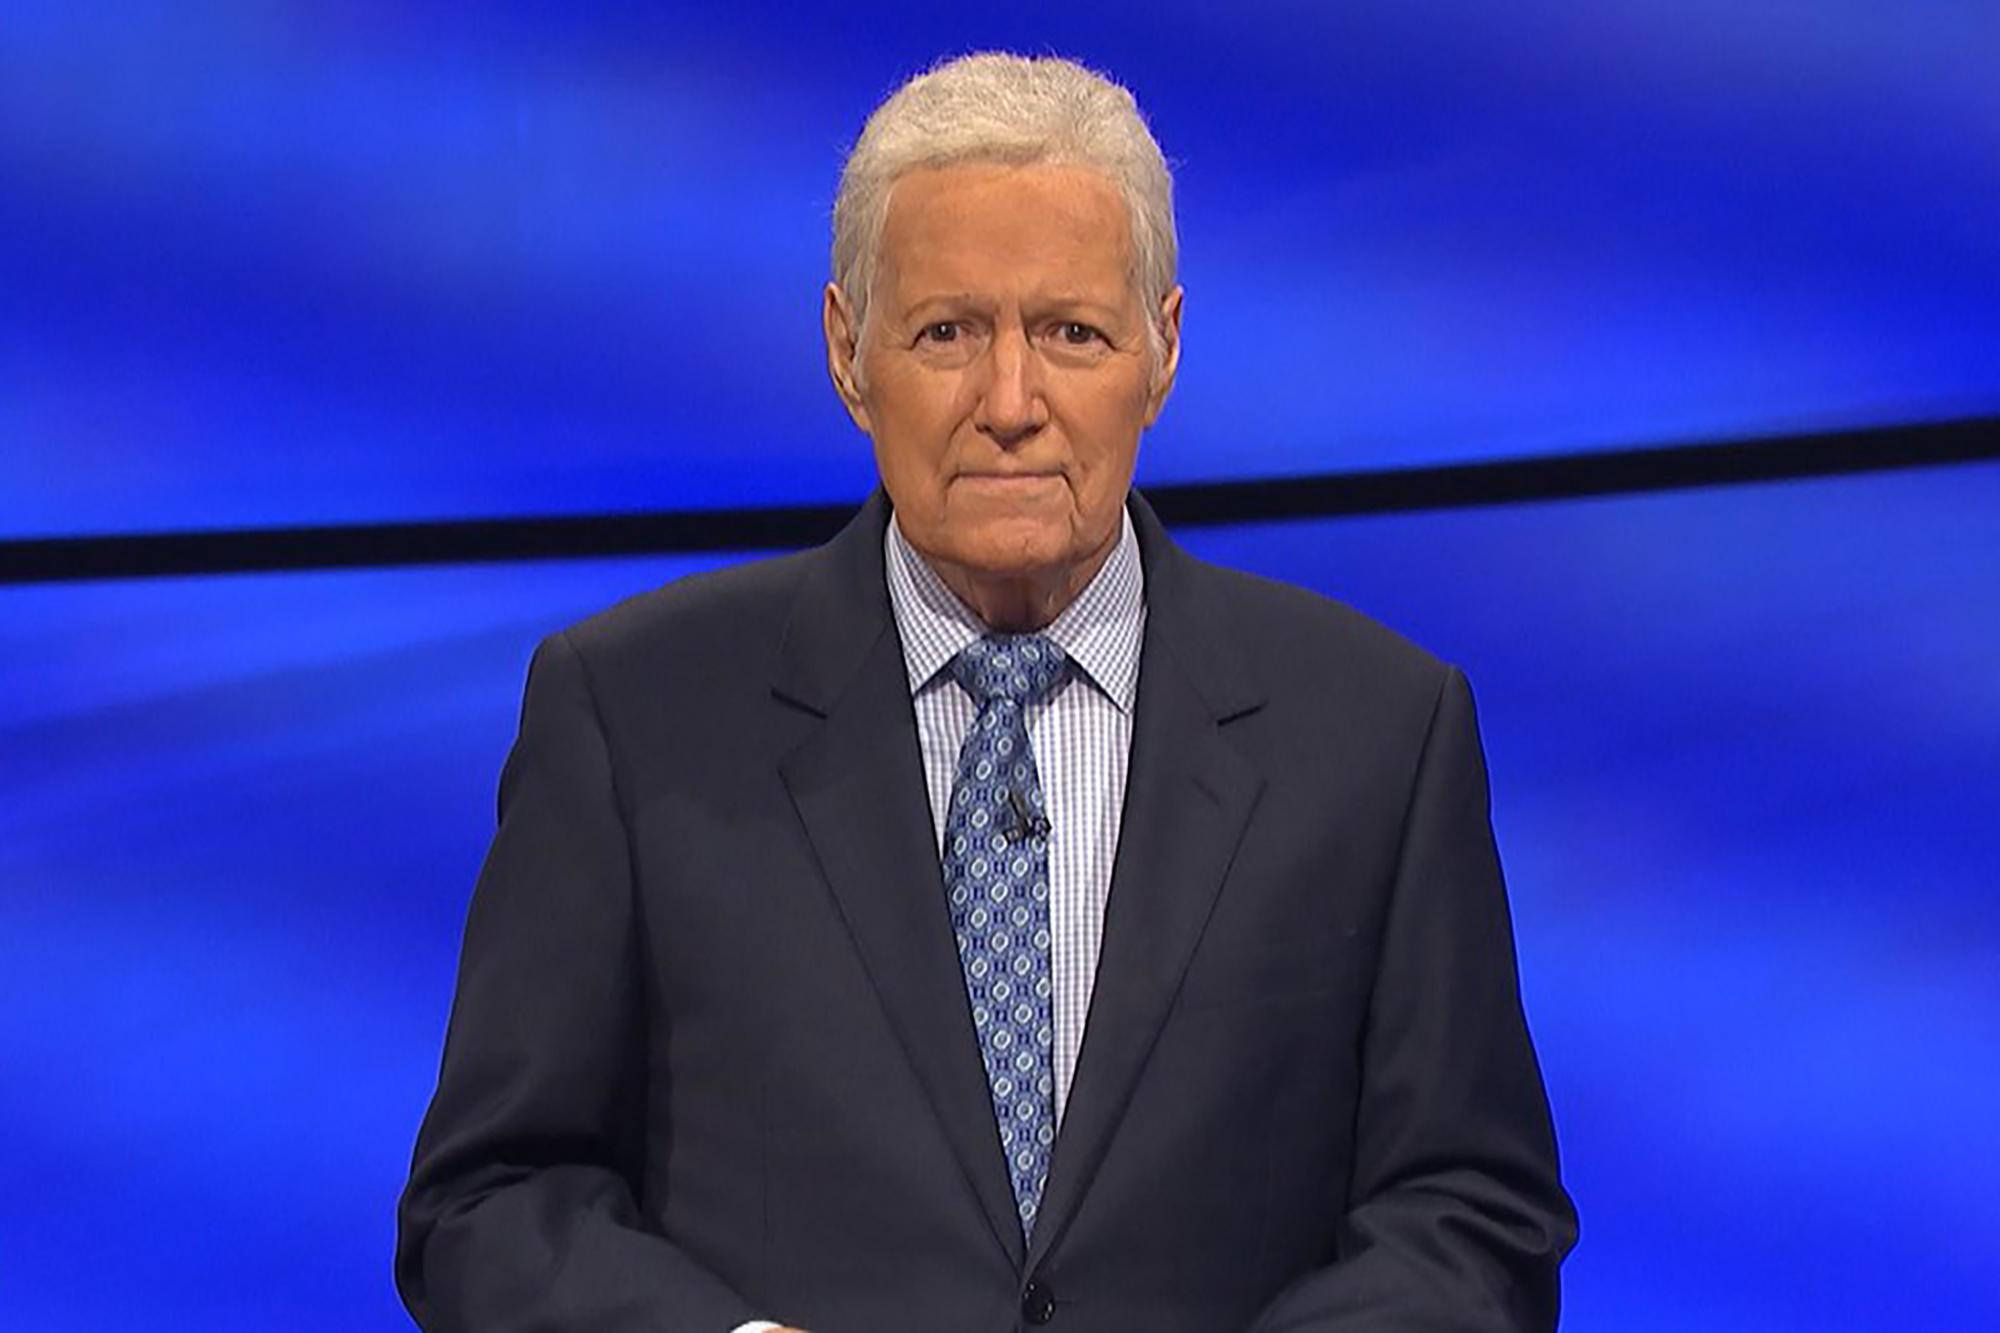 'Jeopardy!' host Alex Trebek sends message to fans in final week